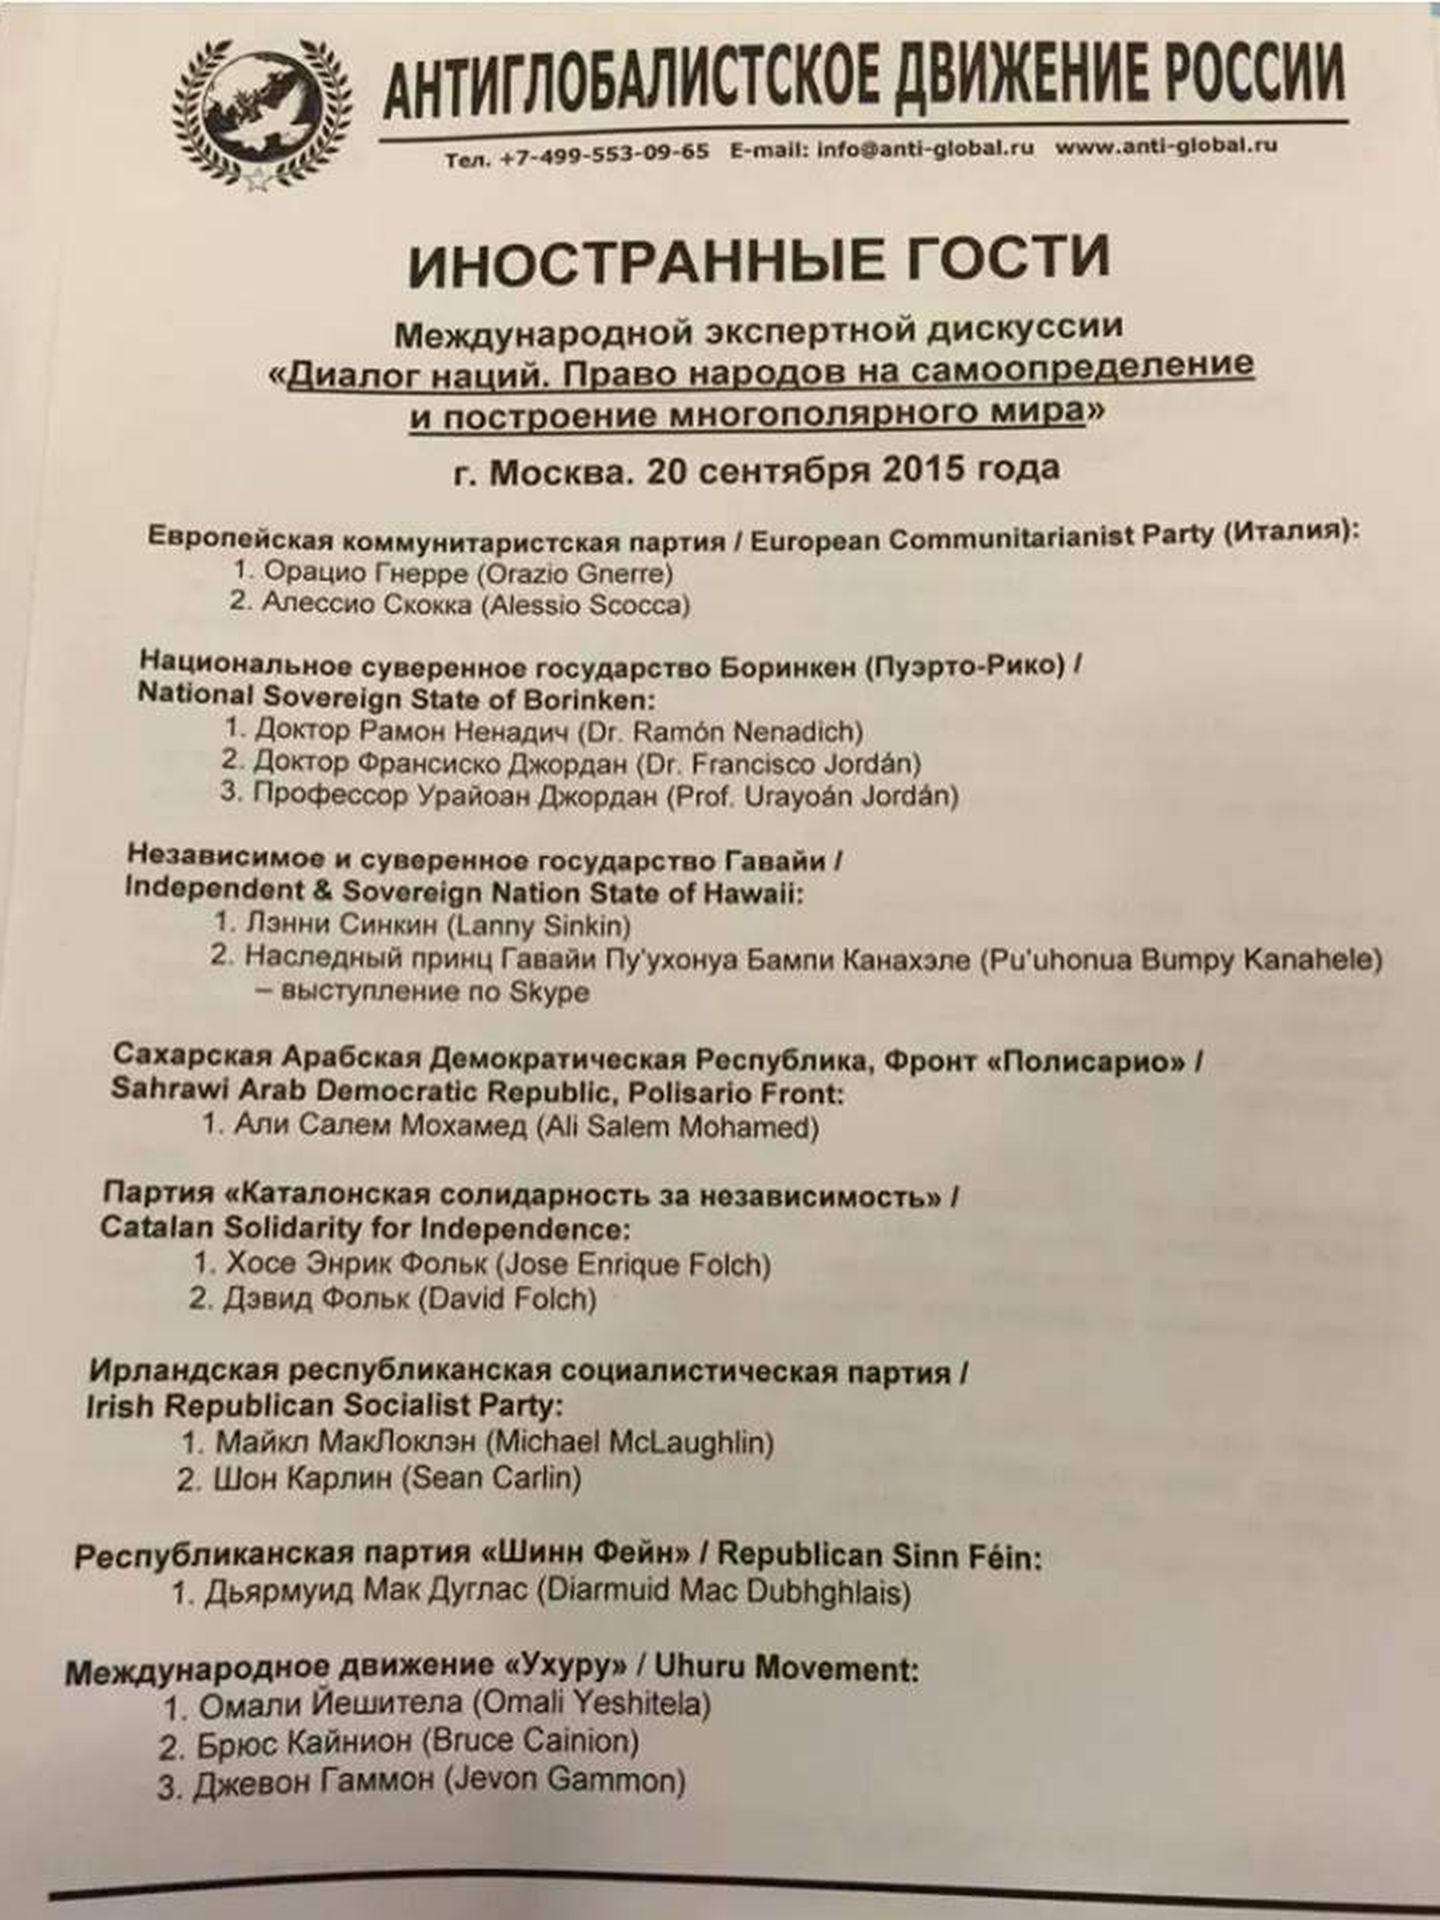 Lista de asistentes a la conferencia.